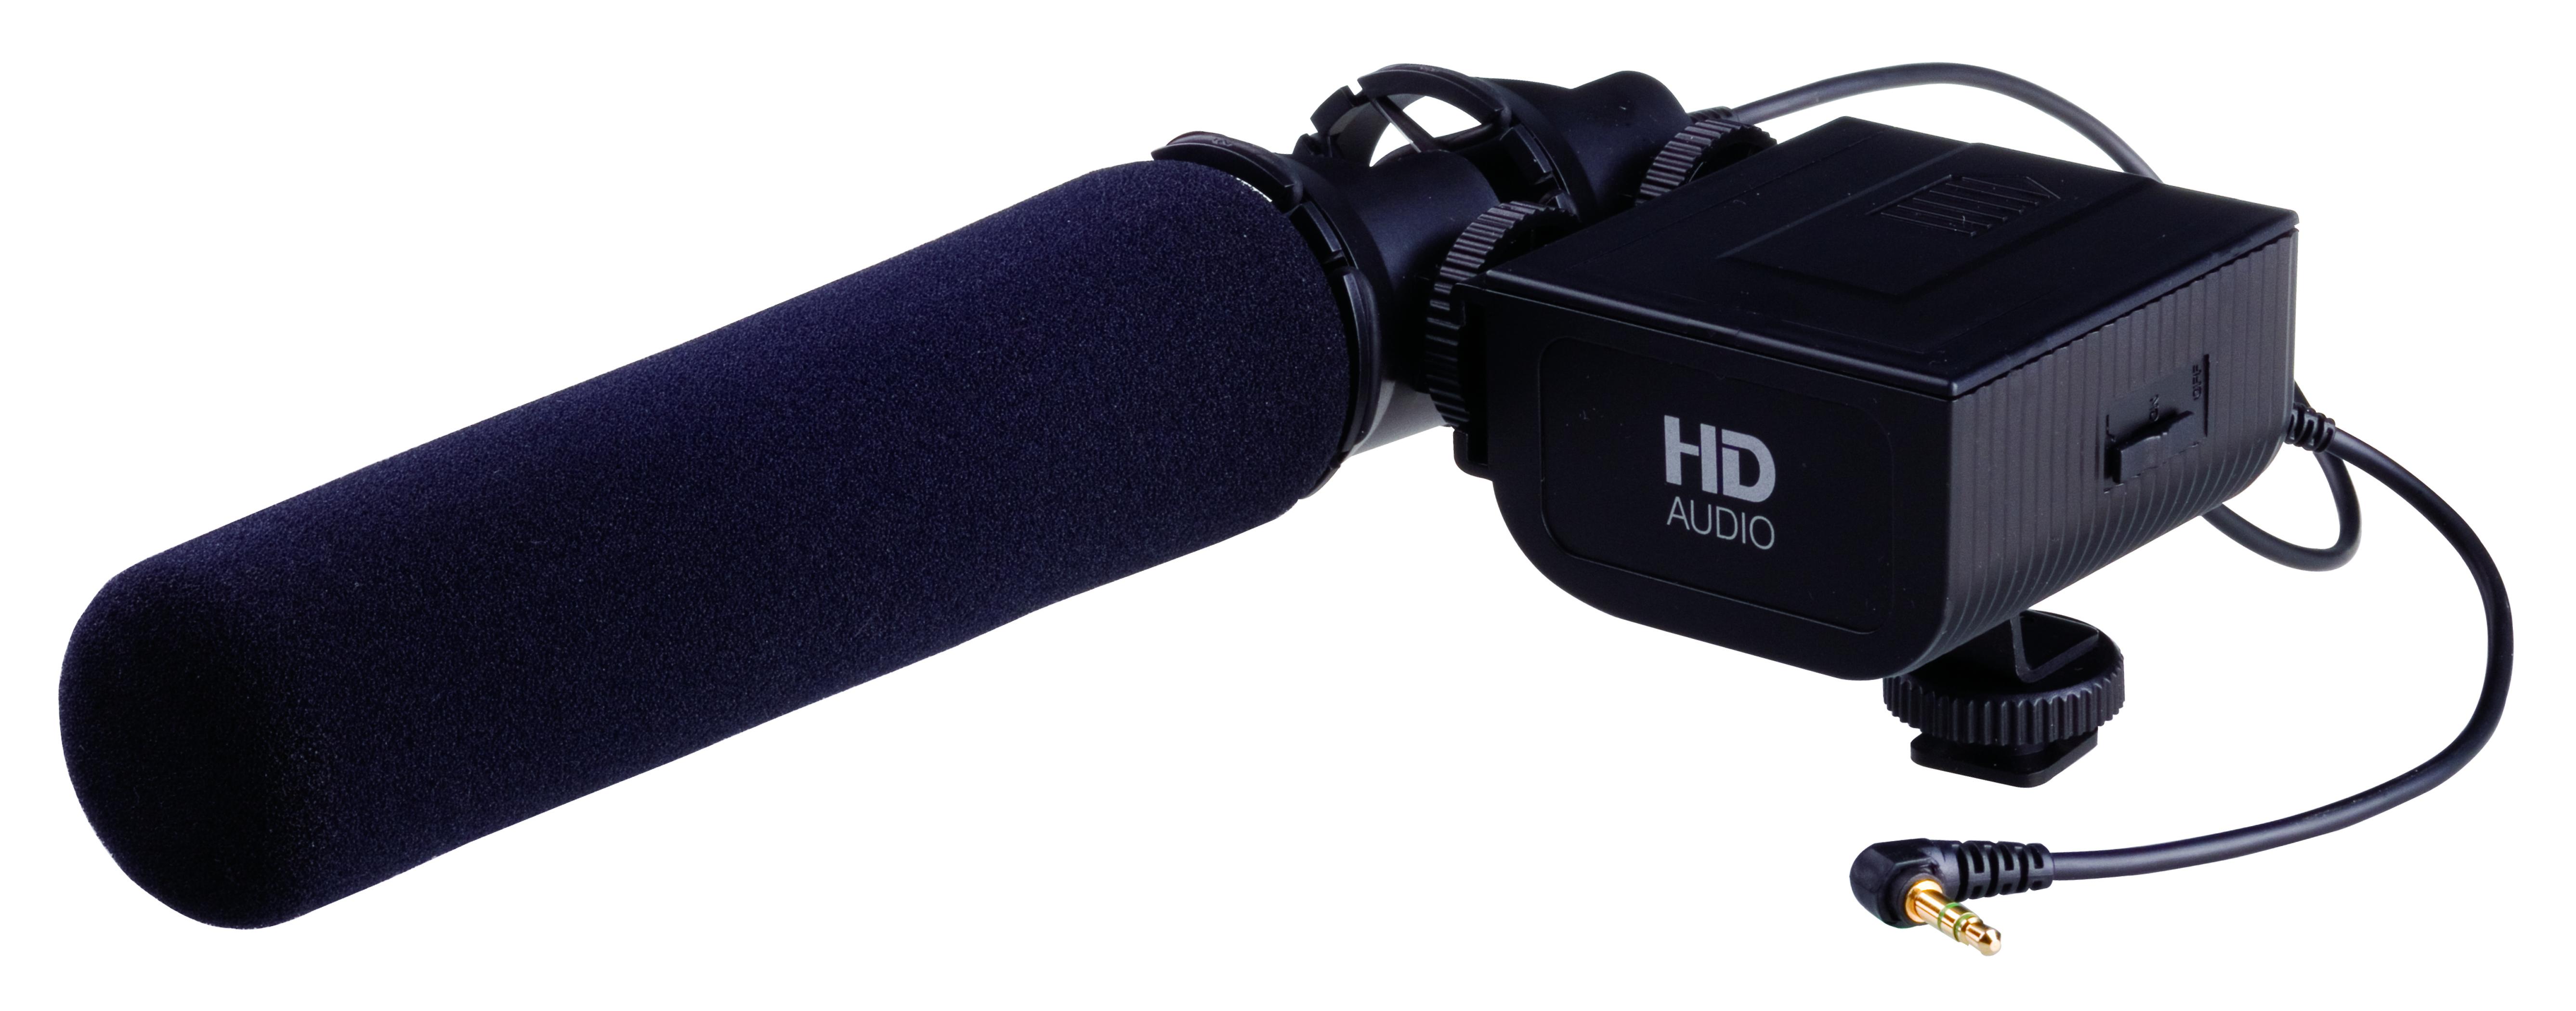 репортажные микрофоны для фотокамер приворожить мужчину фото